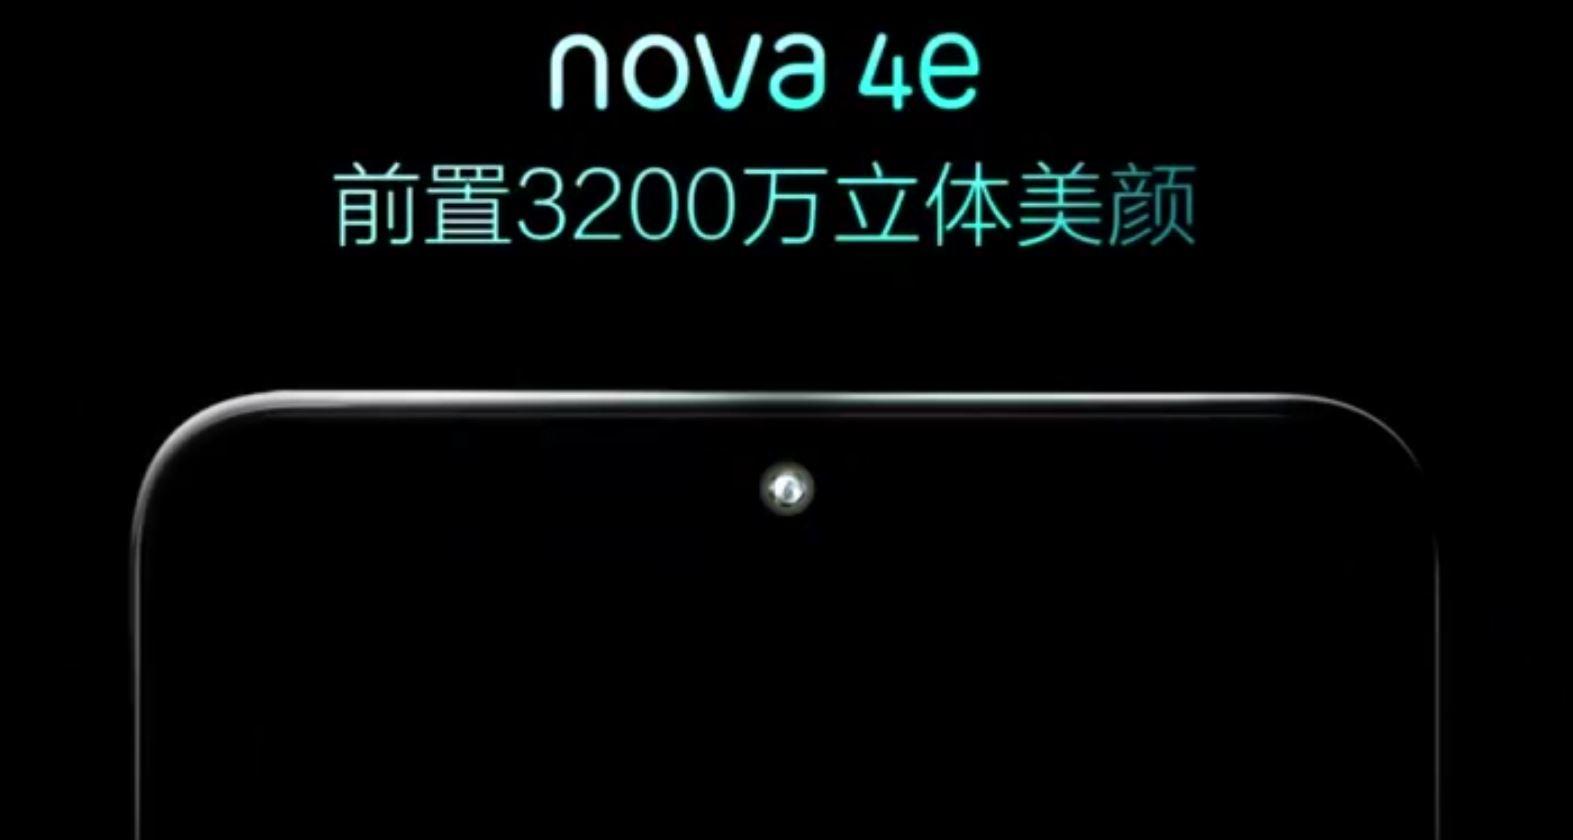 Nova 4e